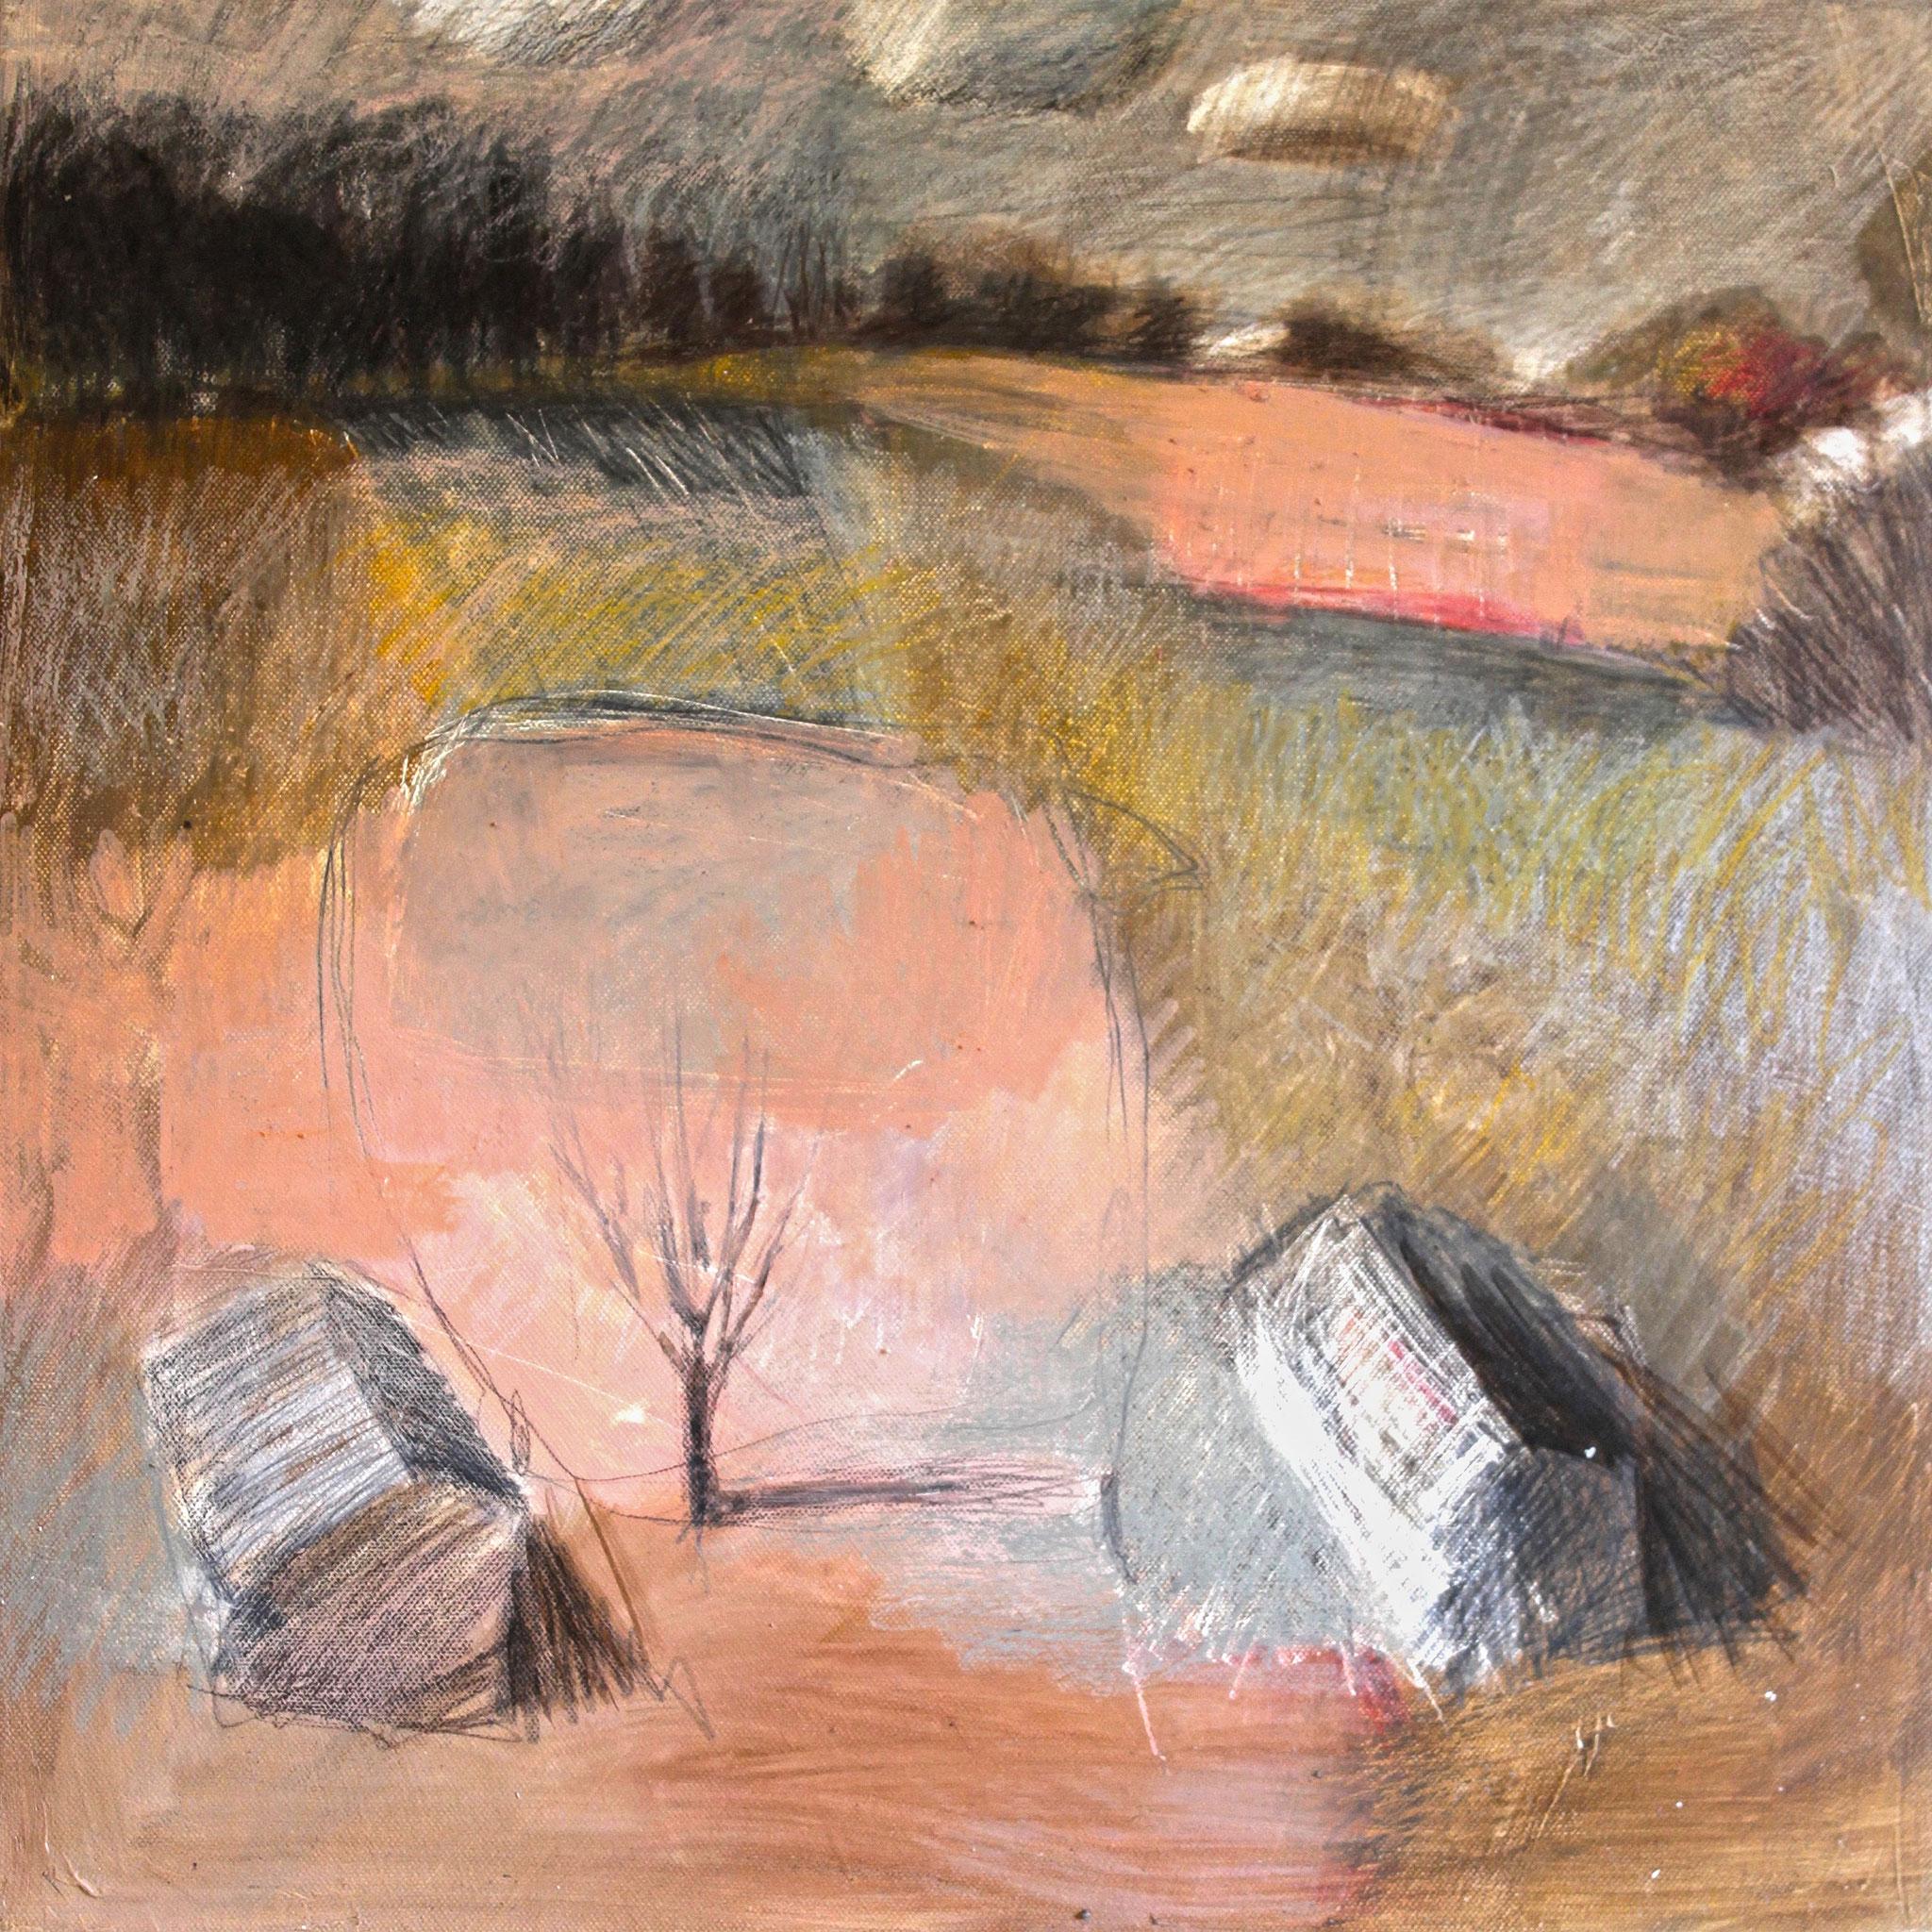 """""""Landscape 5"""" huile sur toile 50x50cm, 2017. Anne Patay"""